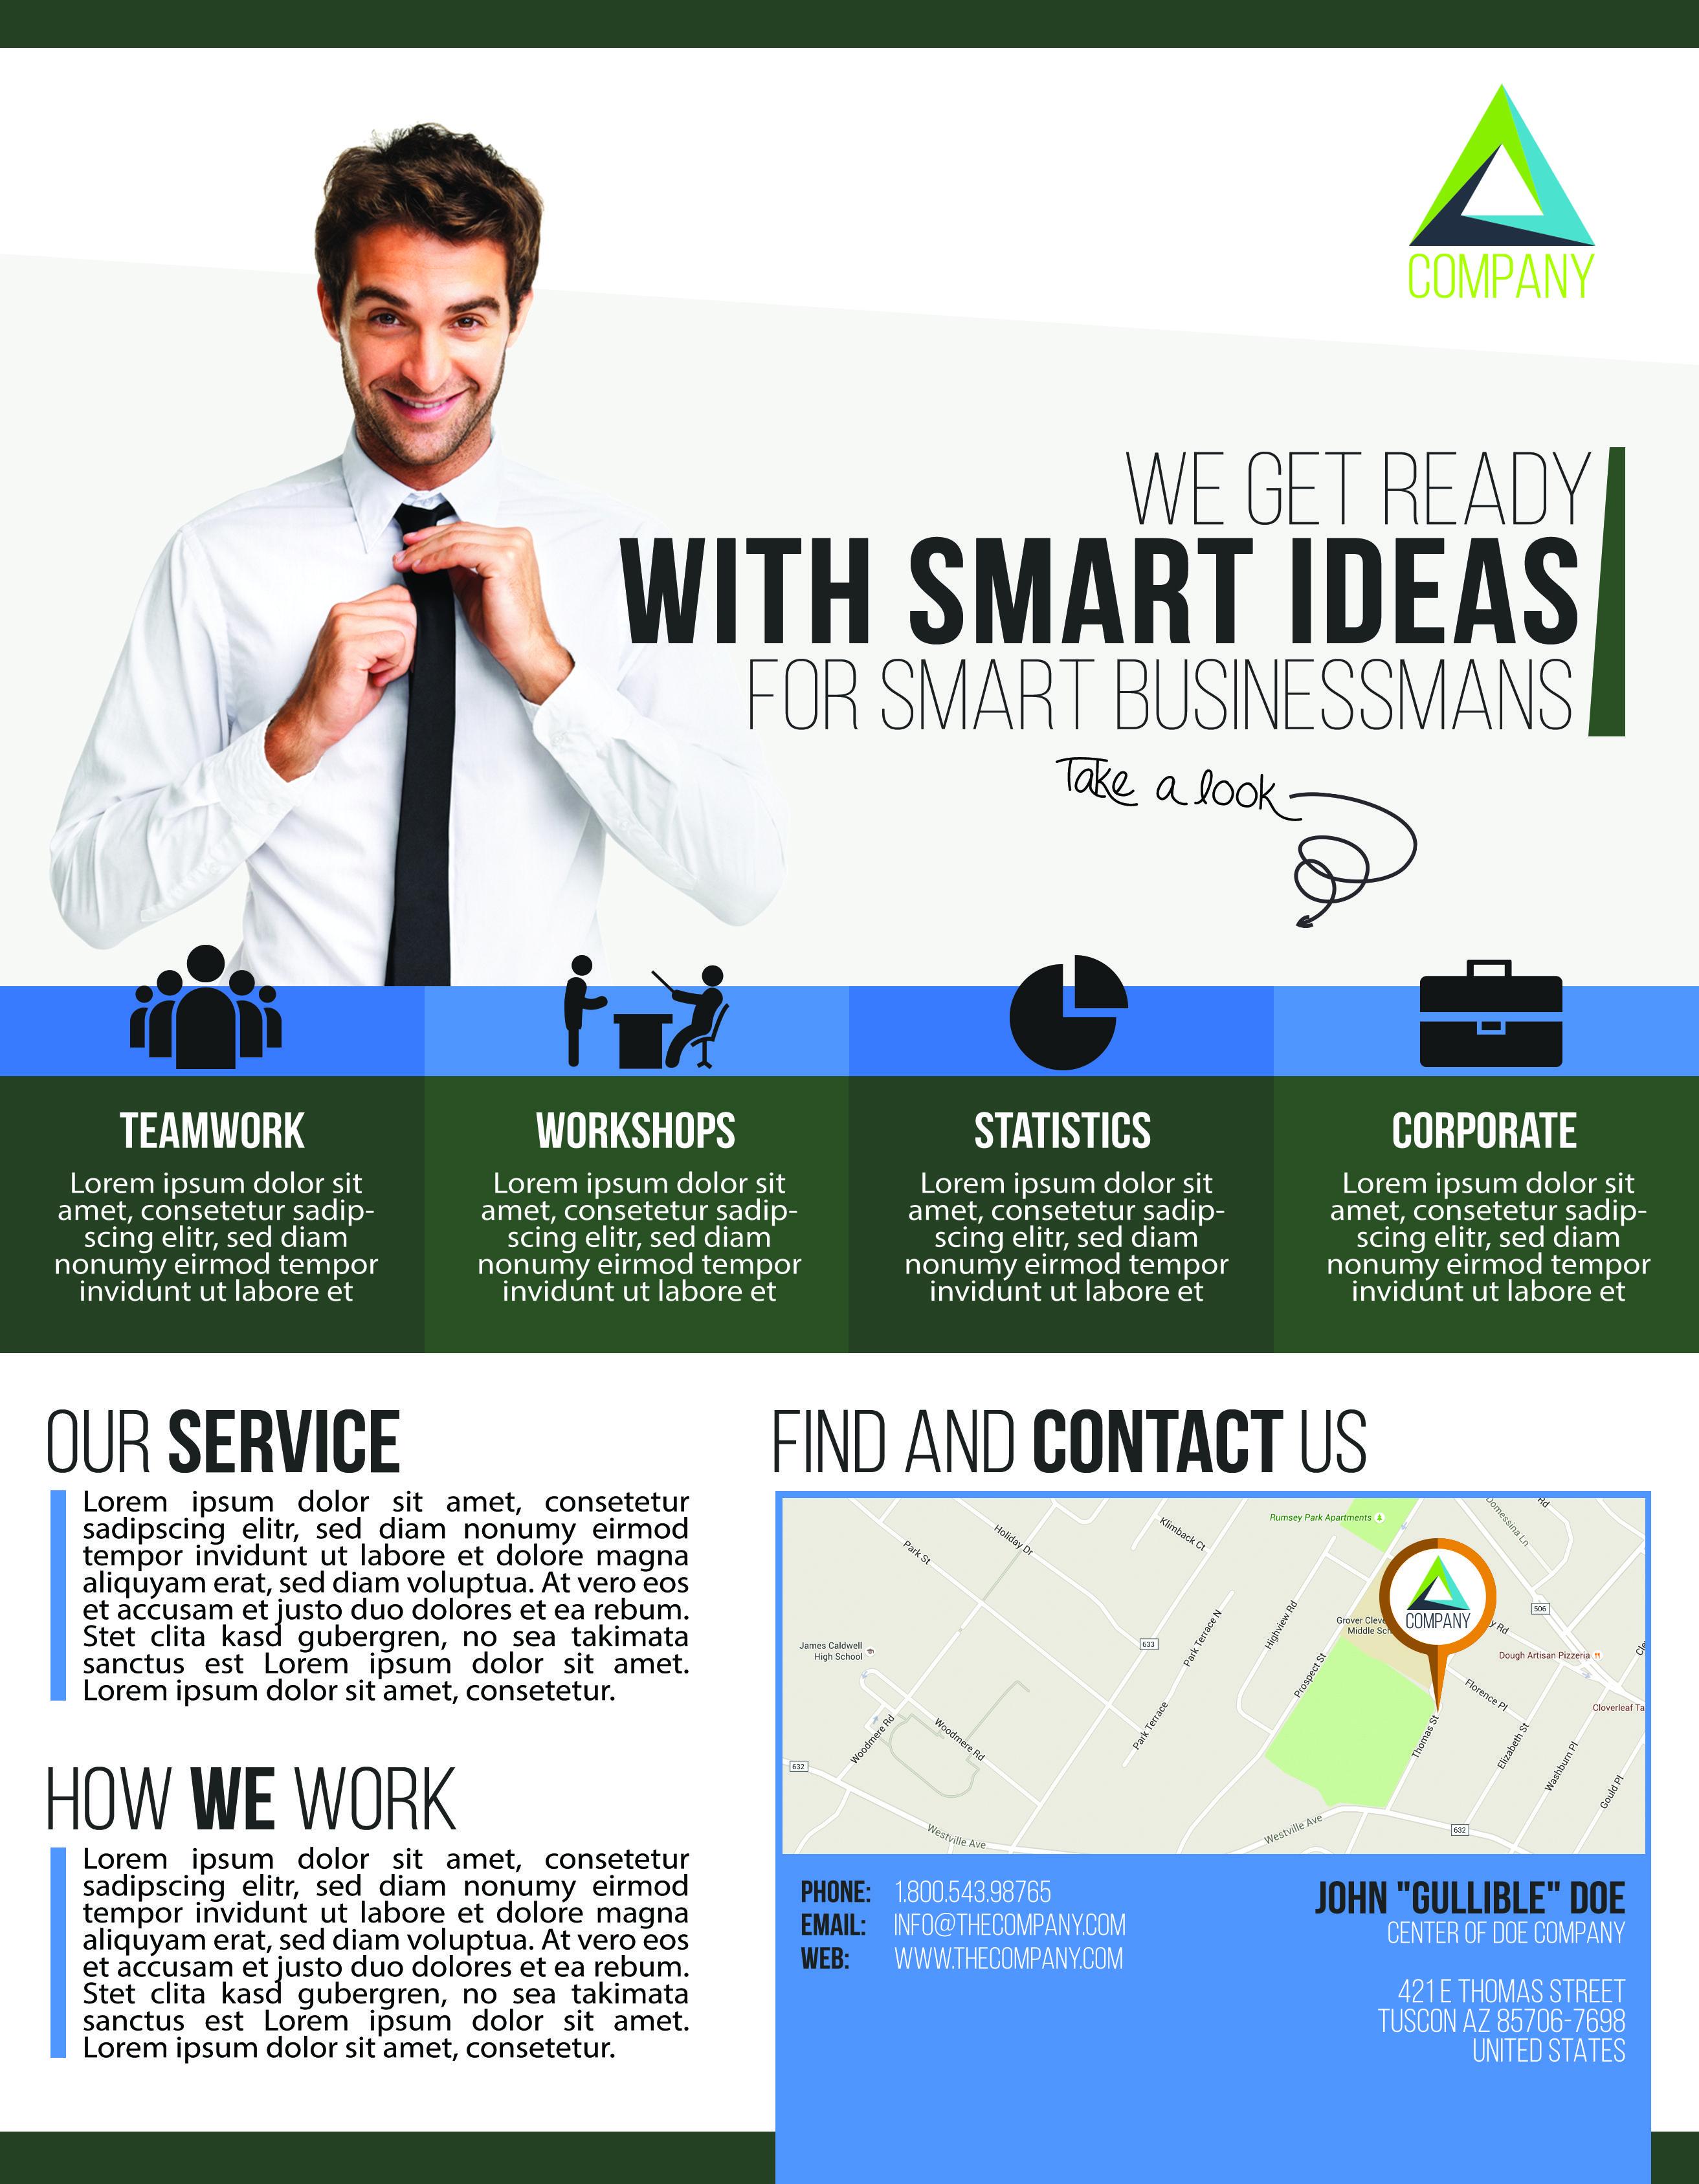 Der smarte Flyer für dein Business. Warum sollte ein Business Flyer langweilig und eintönig sein? Wenn man so viel daraus heraus holen kann! Designed by ESSPEE Design Studio -  www.esspee.de